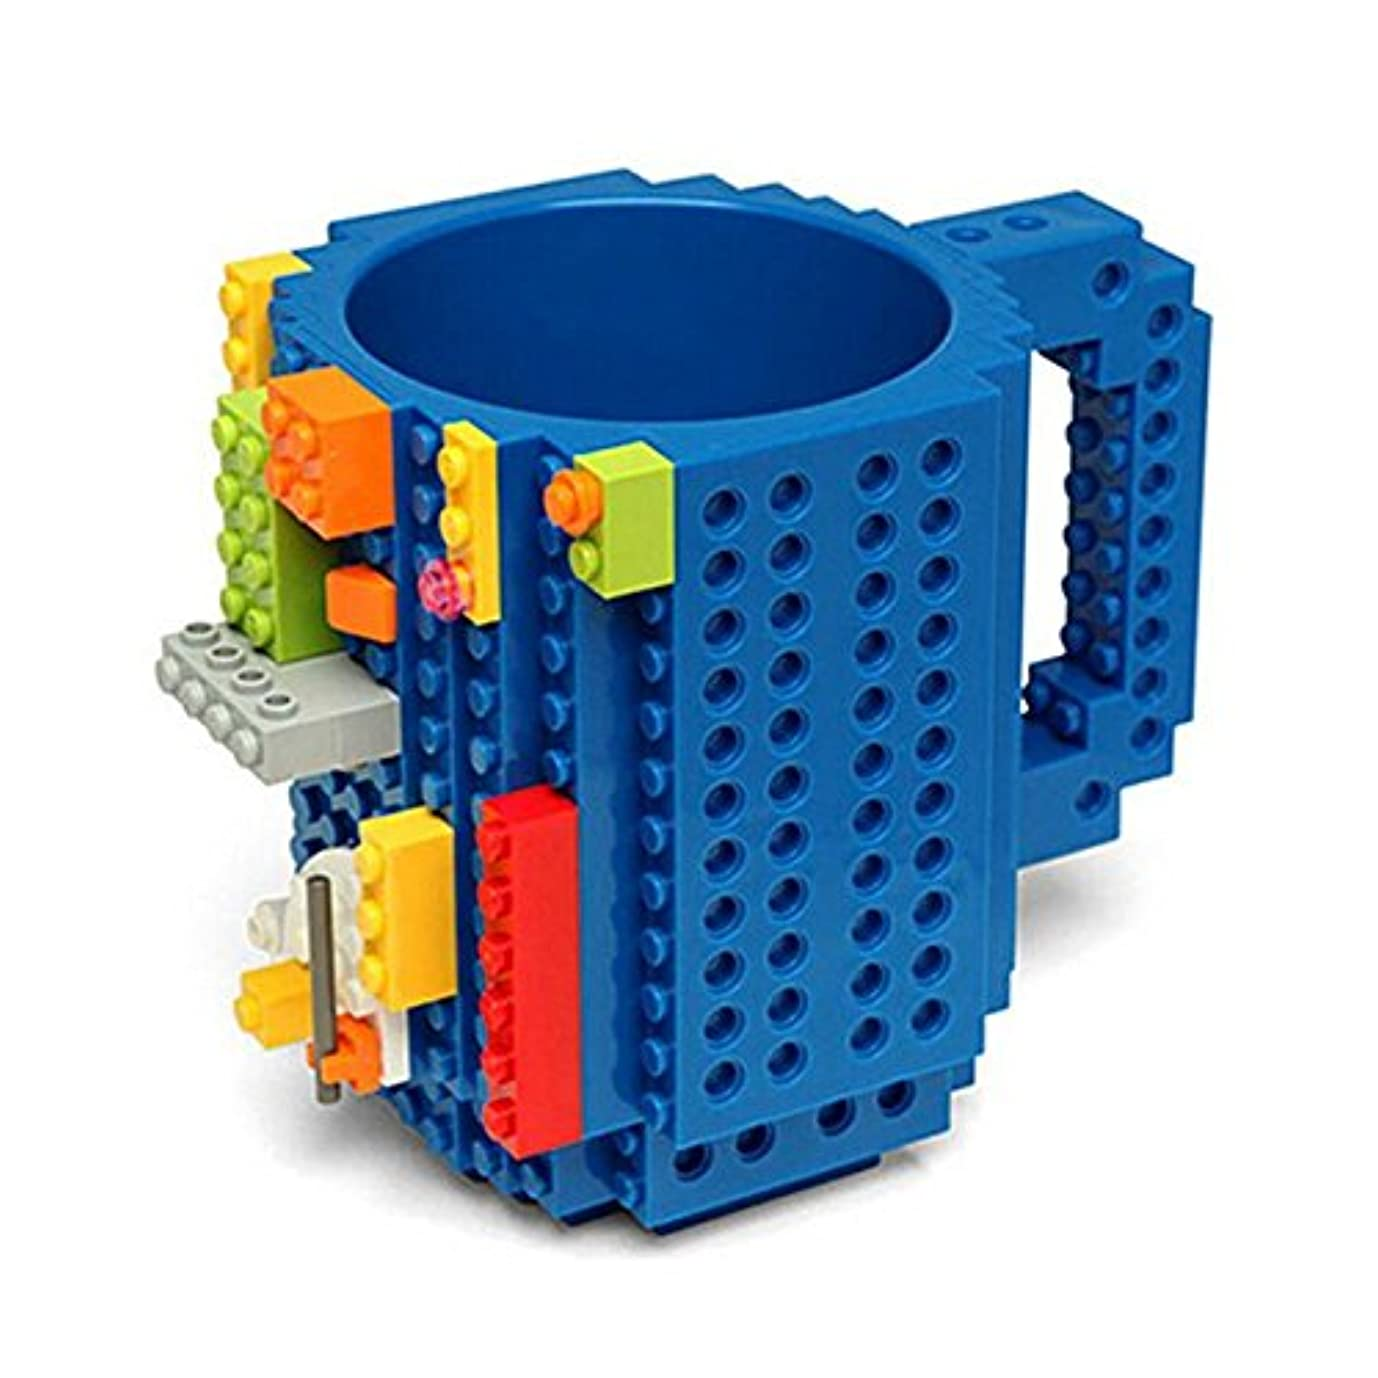 ブッシュモンク受け入れたMaxcrestas - 350ML DIY?ビルディング?ブロックのカップレンガコーヒーティーカップ凍った水のドリンクカップDIYブロックパズルシッククリエイティブホームDrinkwares